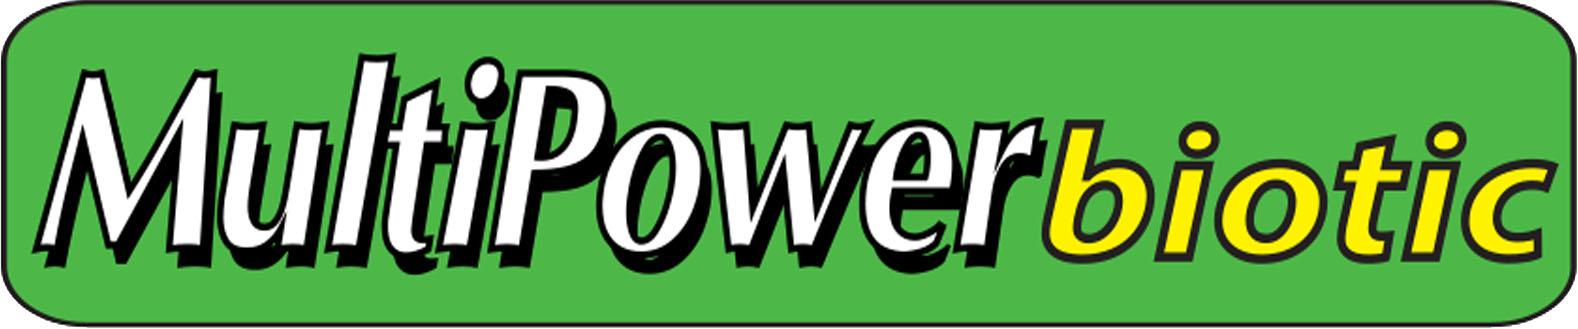 multiPowerBiotic